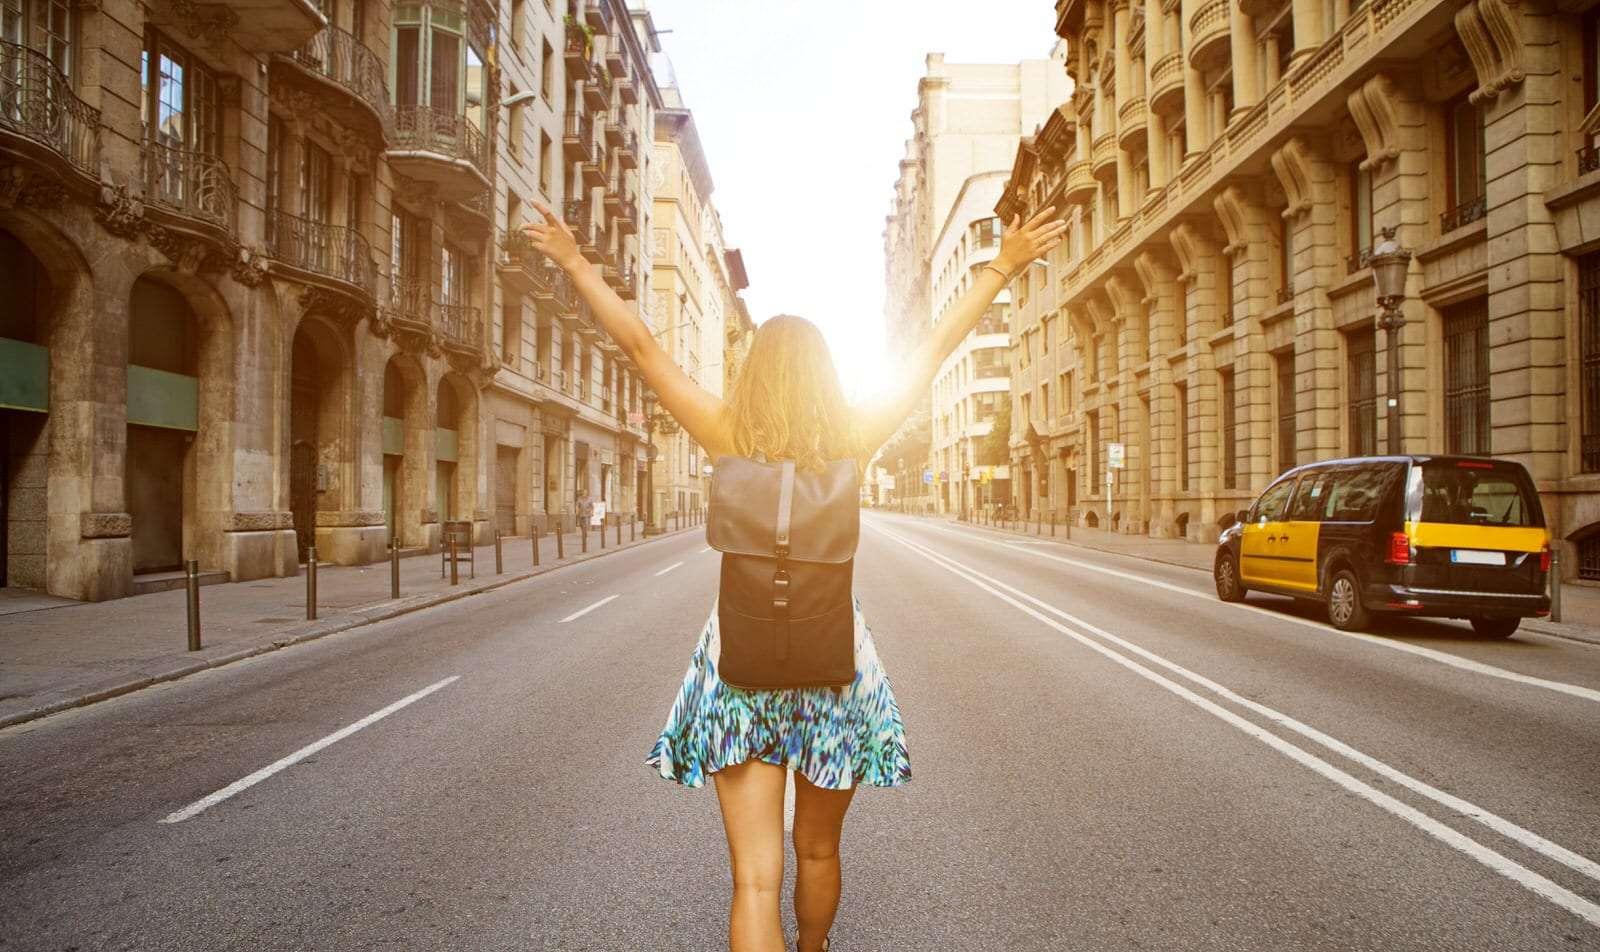 Estrés, contaminación, ruido... así afecta vivir en una gran ciudad